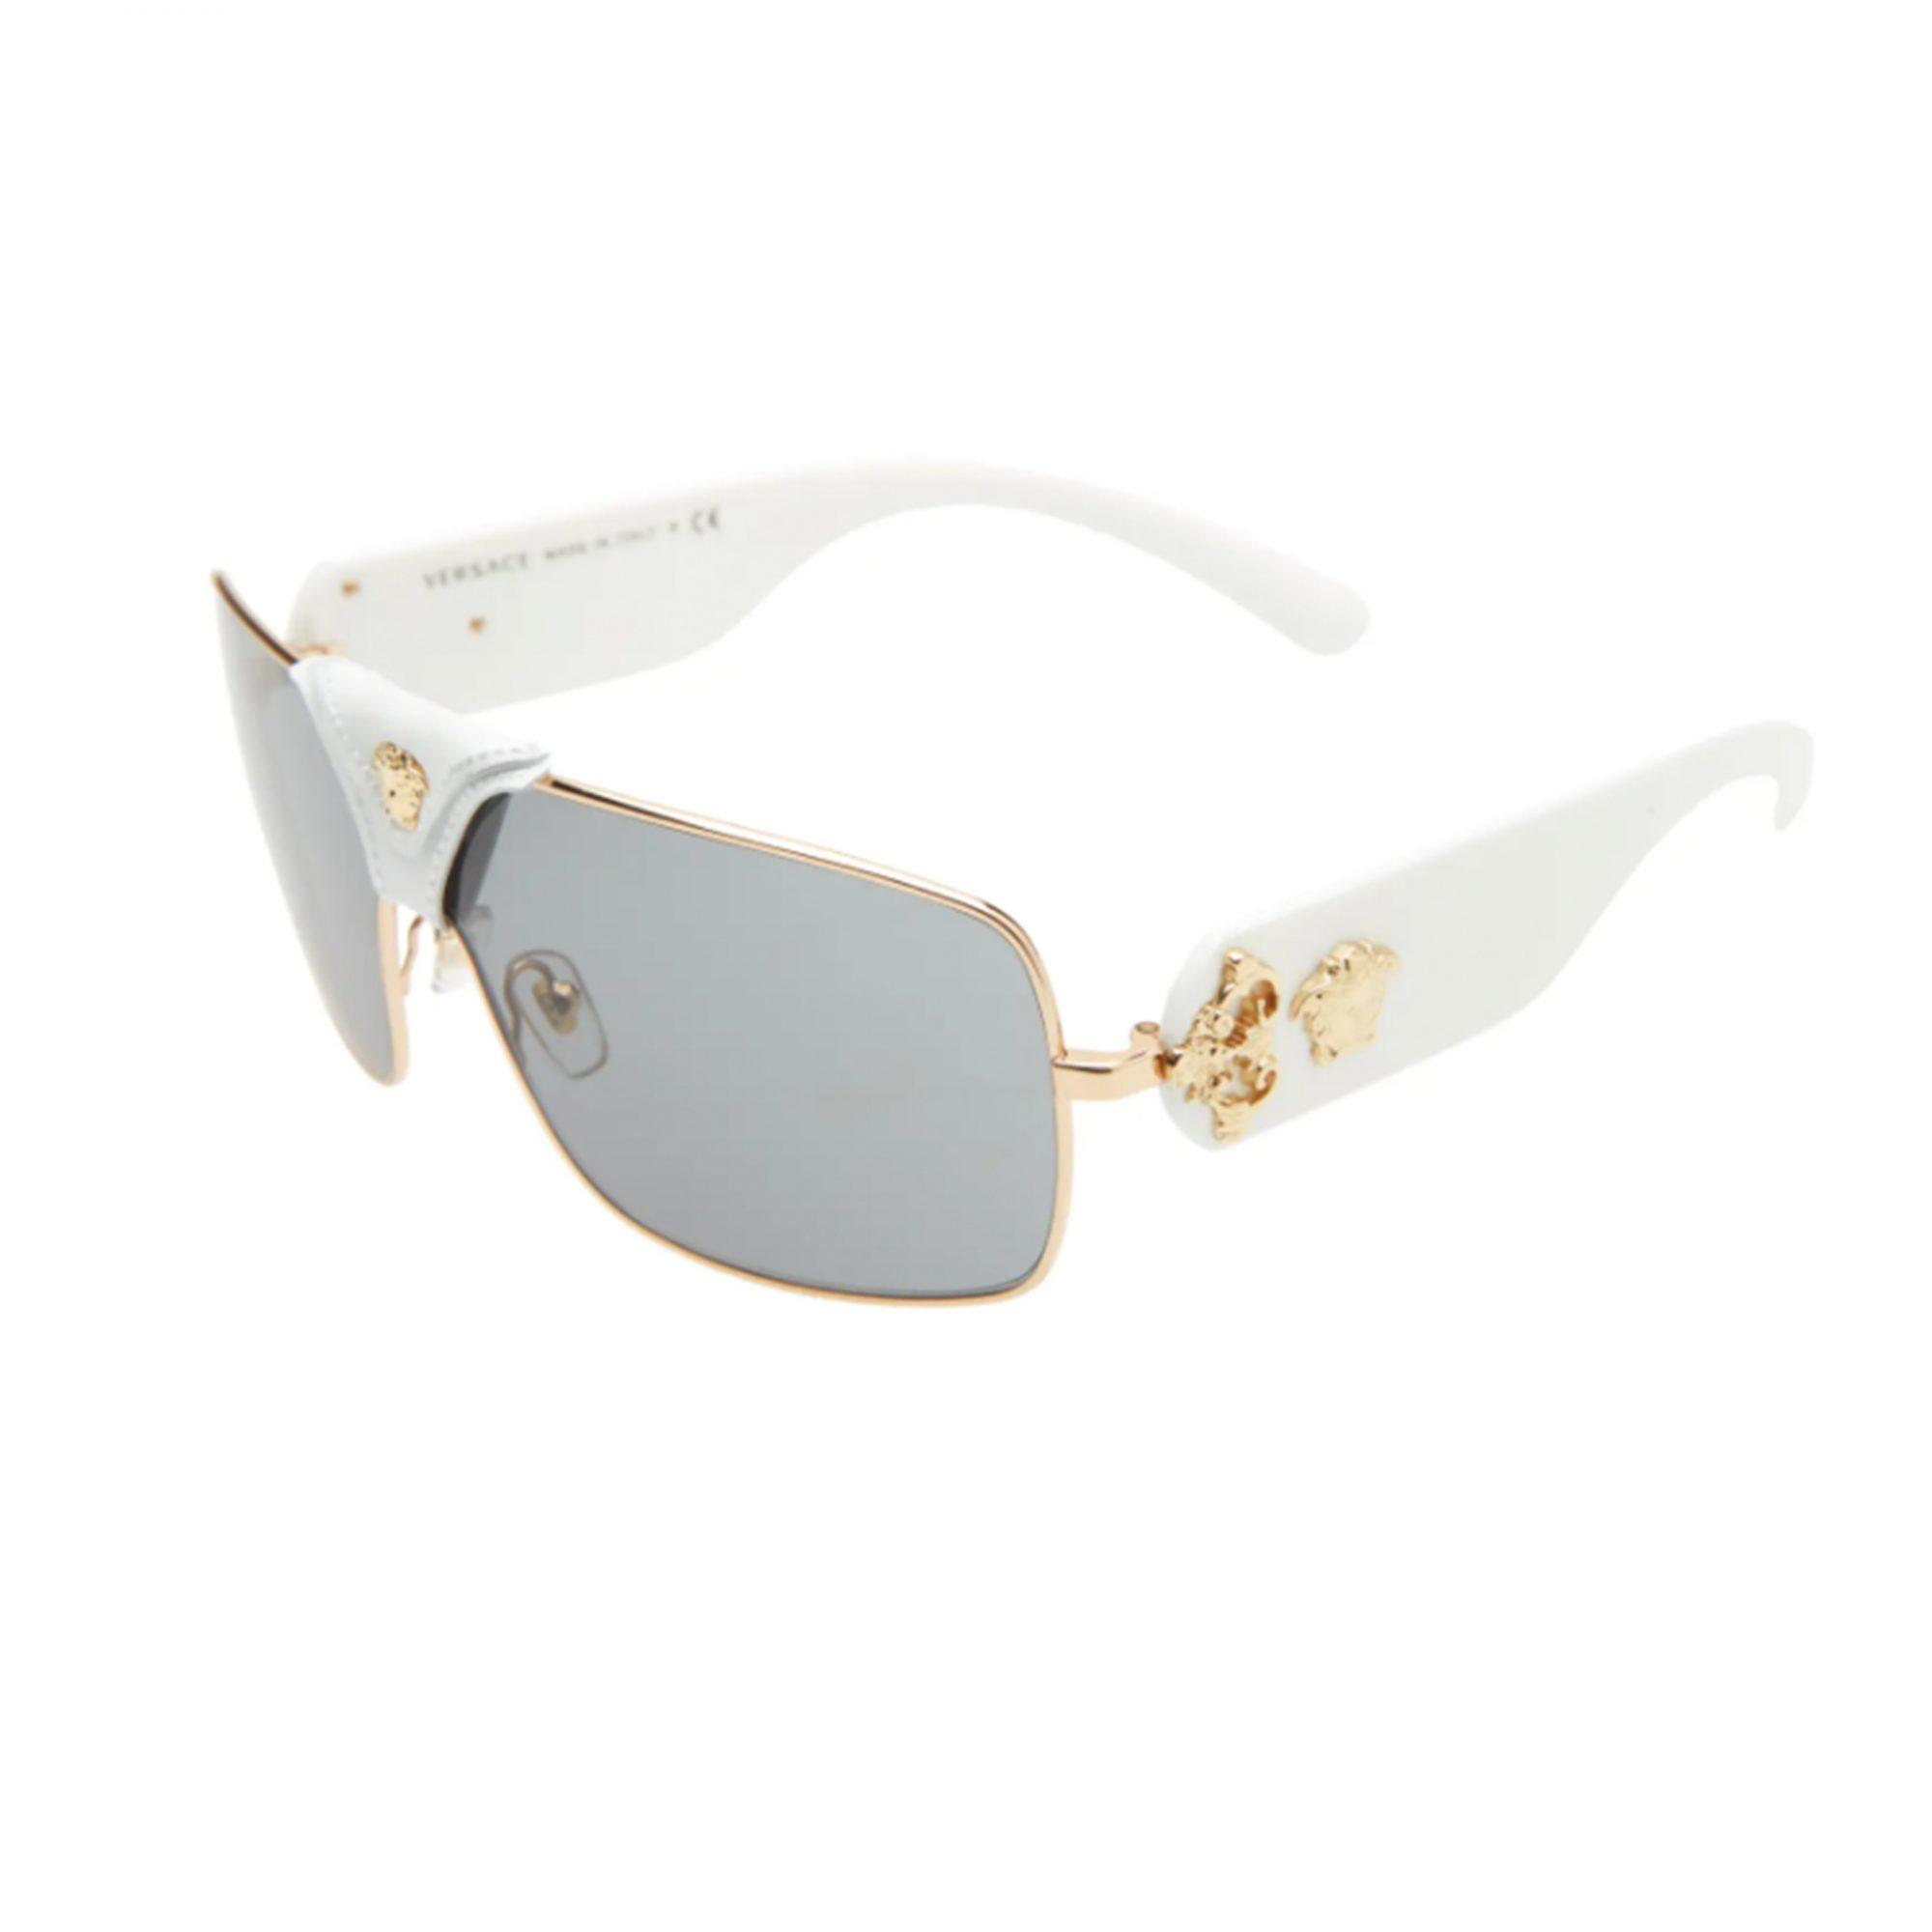 versace-mirrored-glasses